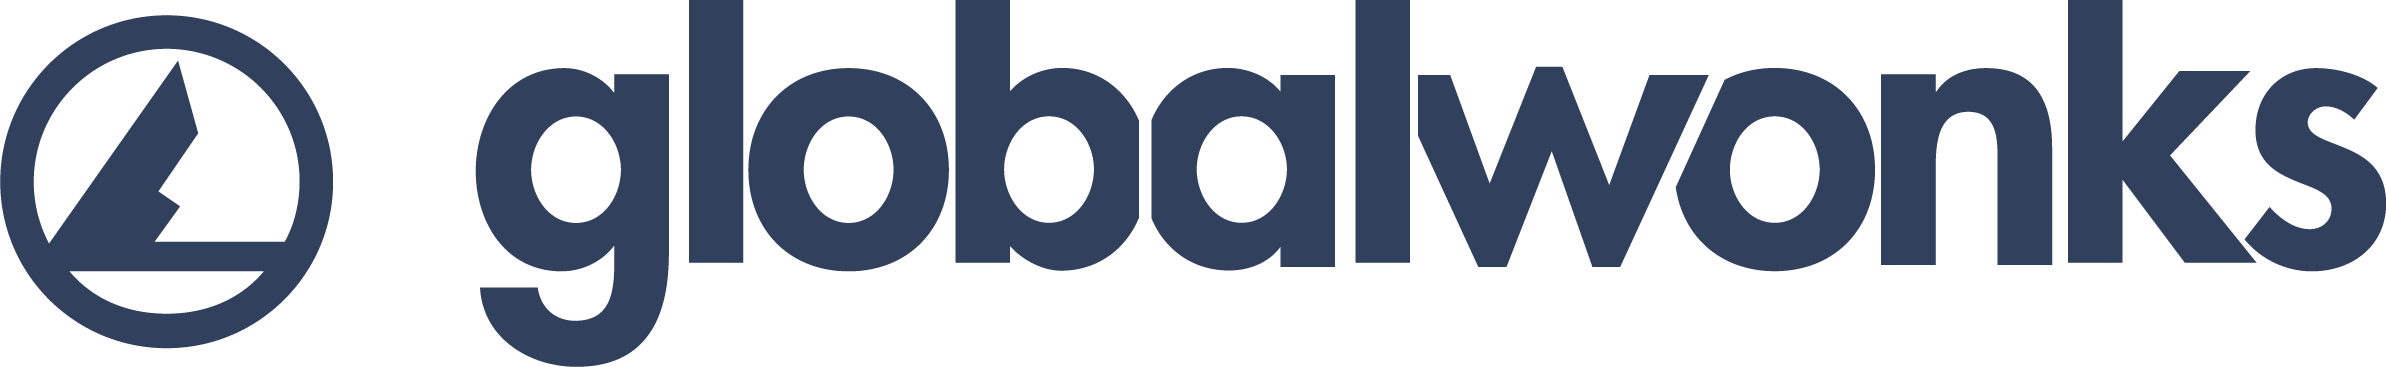 Project-based Freelance Experts - GlobalWonks - Logo